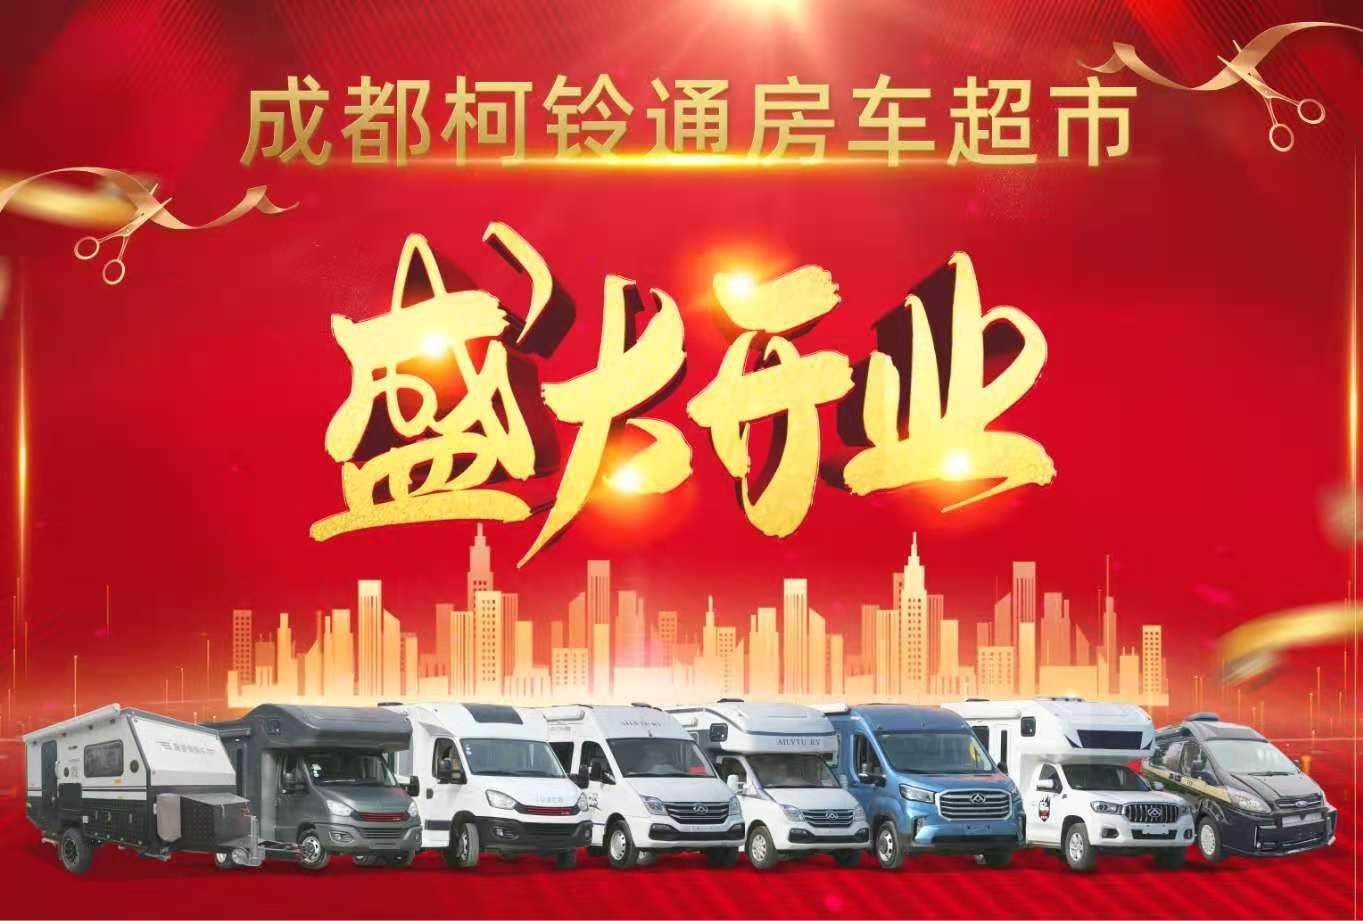 成都柯铃通房车超市12月12日盛大开业!